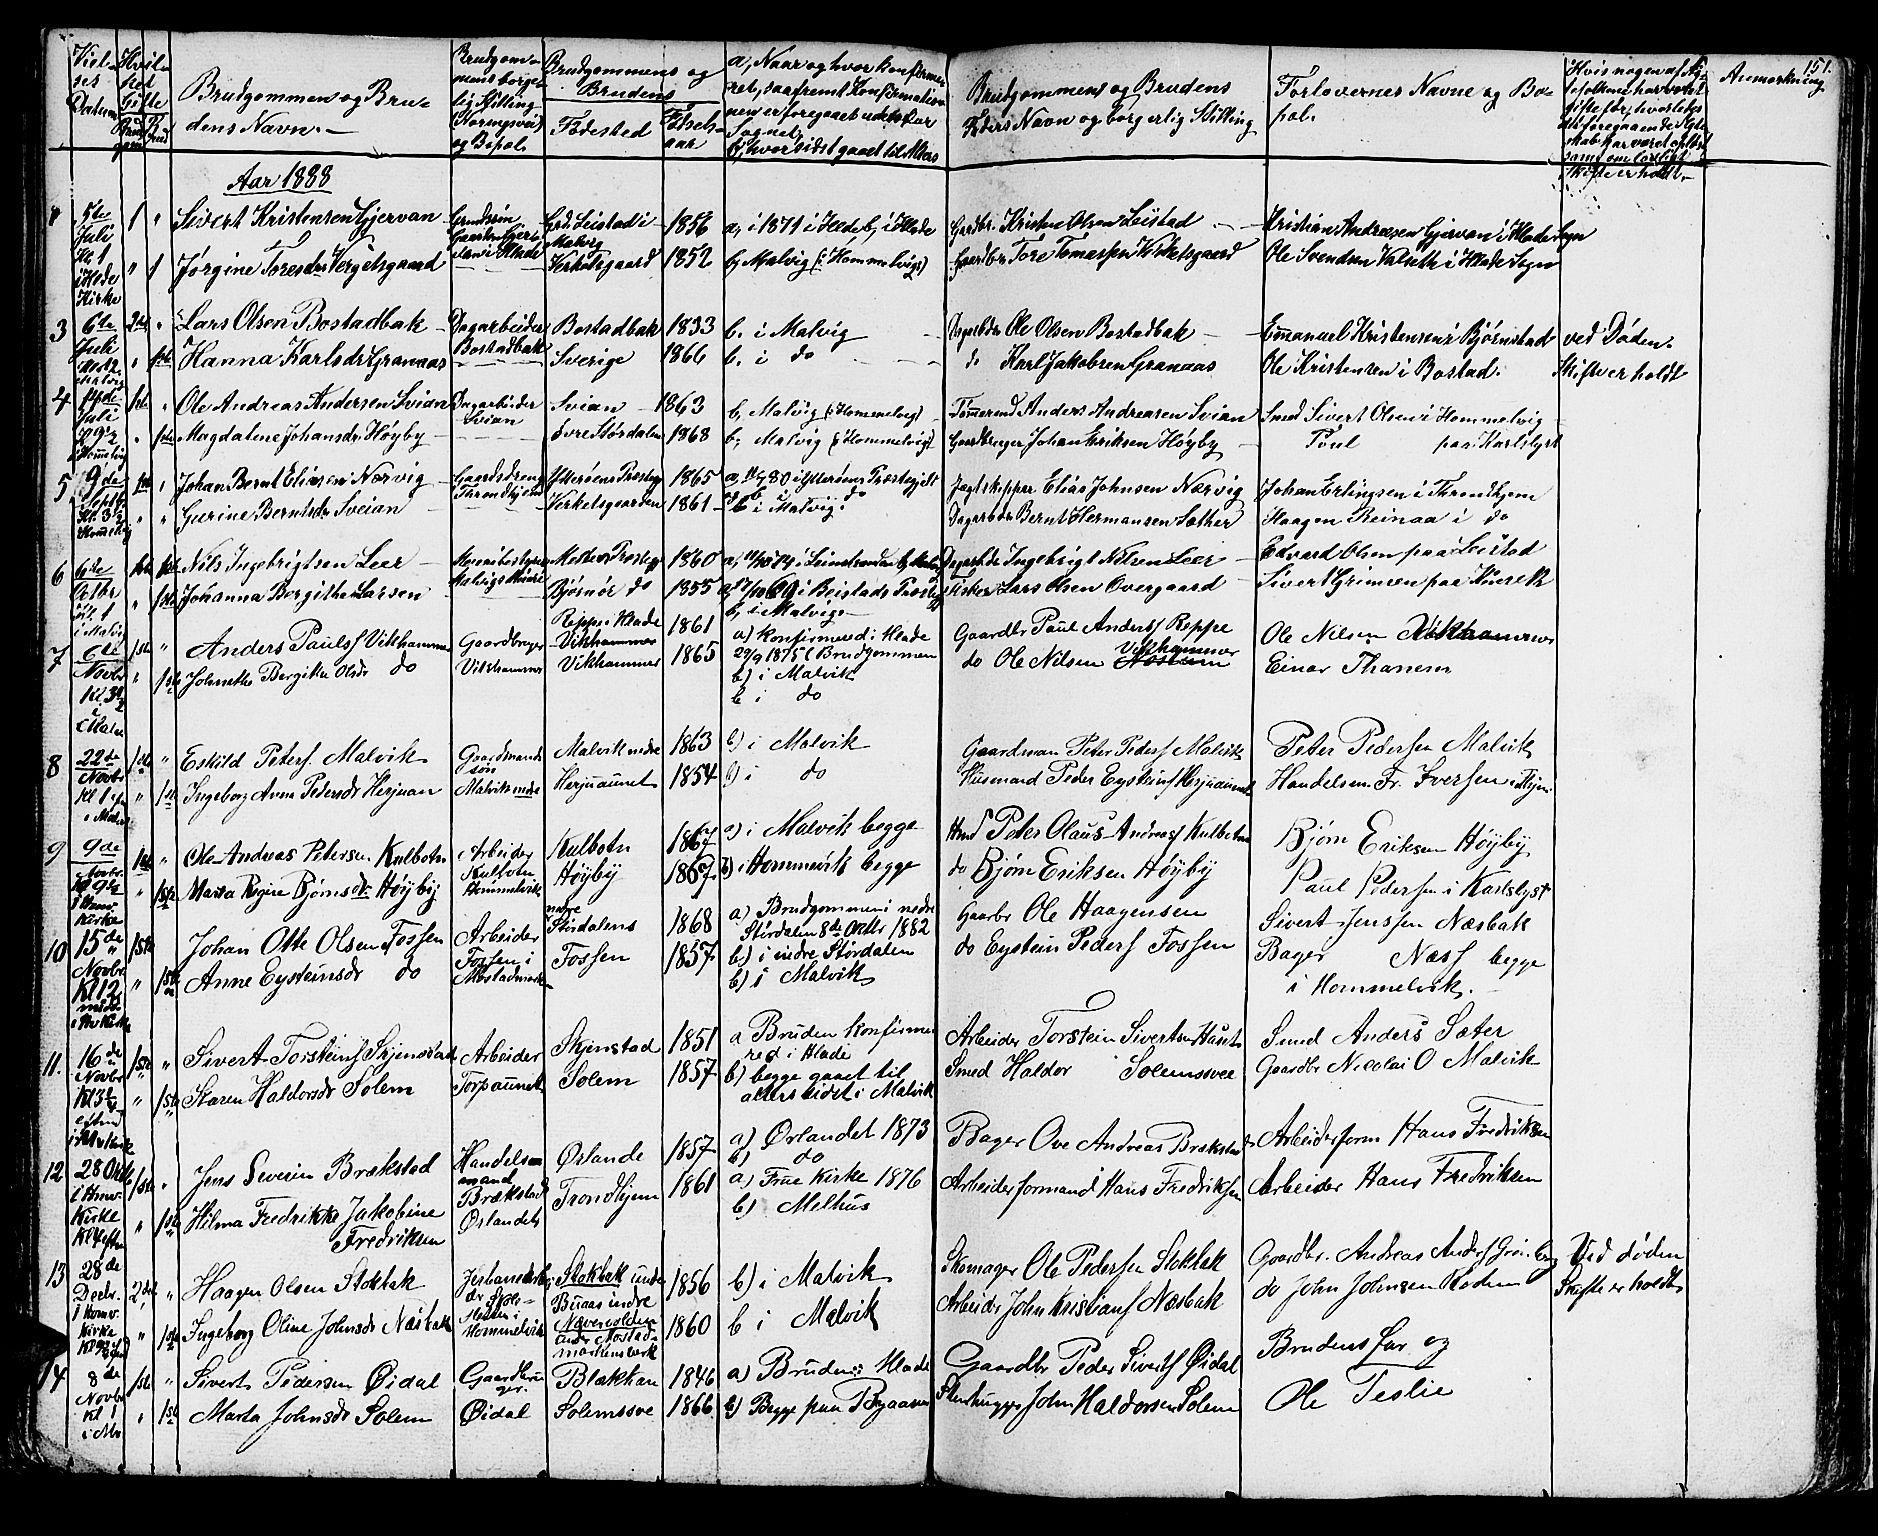 SAT, Ministerialprotokoller, klokkerbøker og fødselsregistre - Sør-Trøndelag, 616/L0422: Klokkerbok nr. 616C05, 1850-1888, s. 151